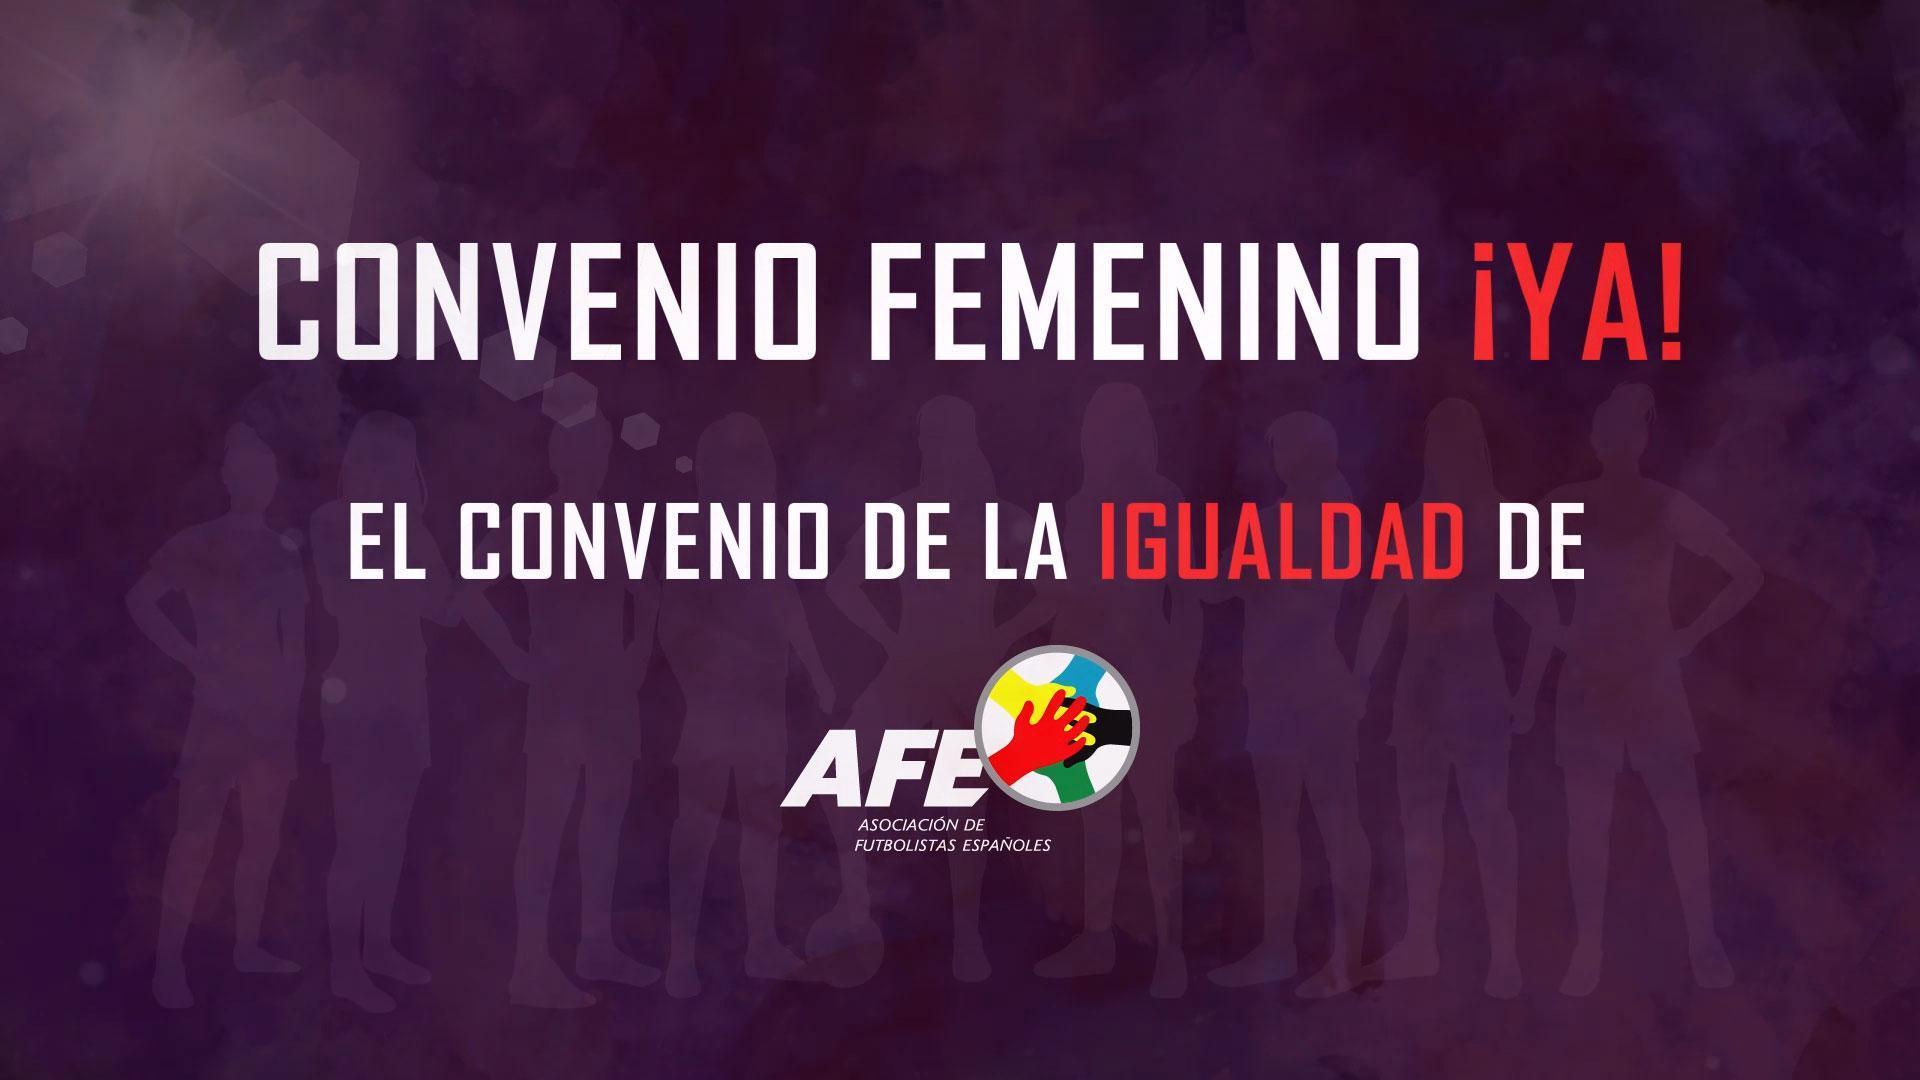 convenio femenino AFE